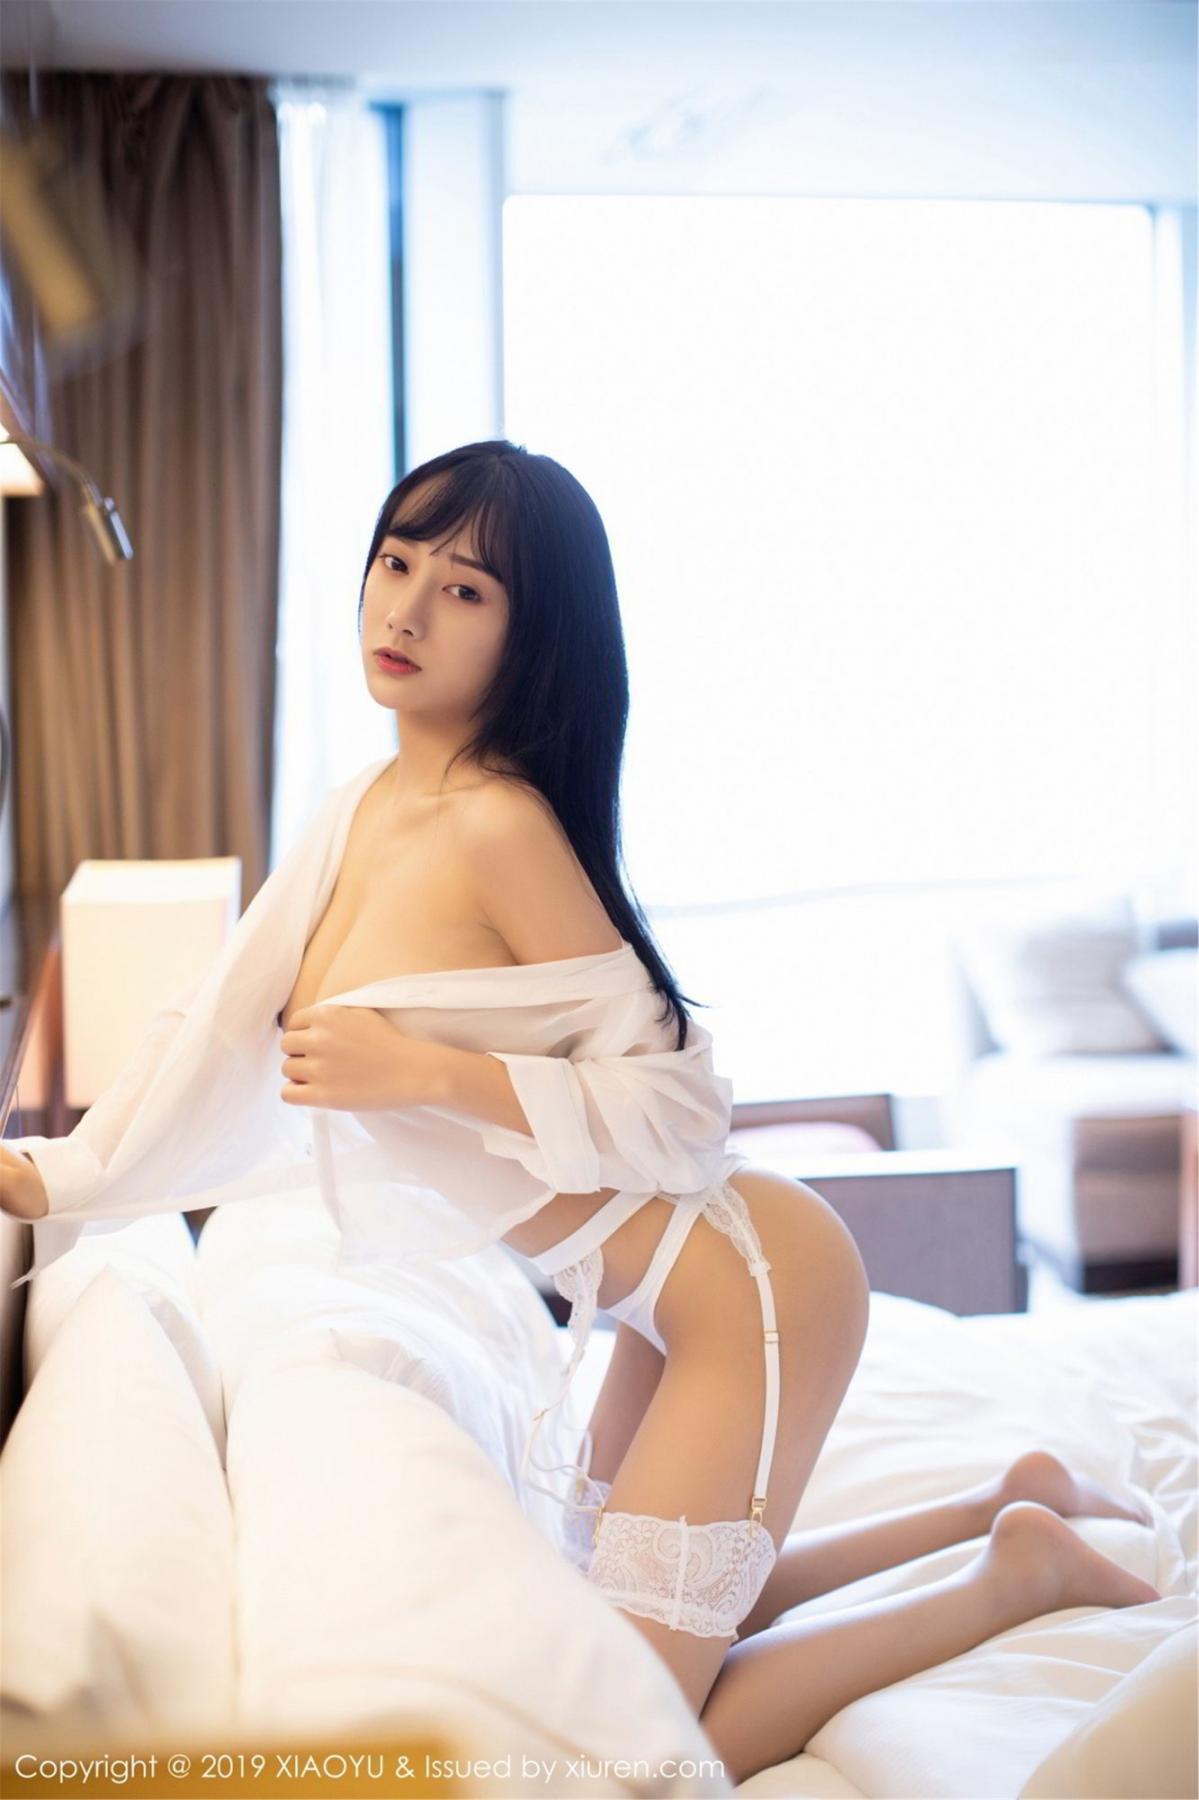 [XiaoYu] Vol.076 He Jia Ying 58P, He Jia Ying, Underwear, XiaoYu